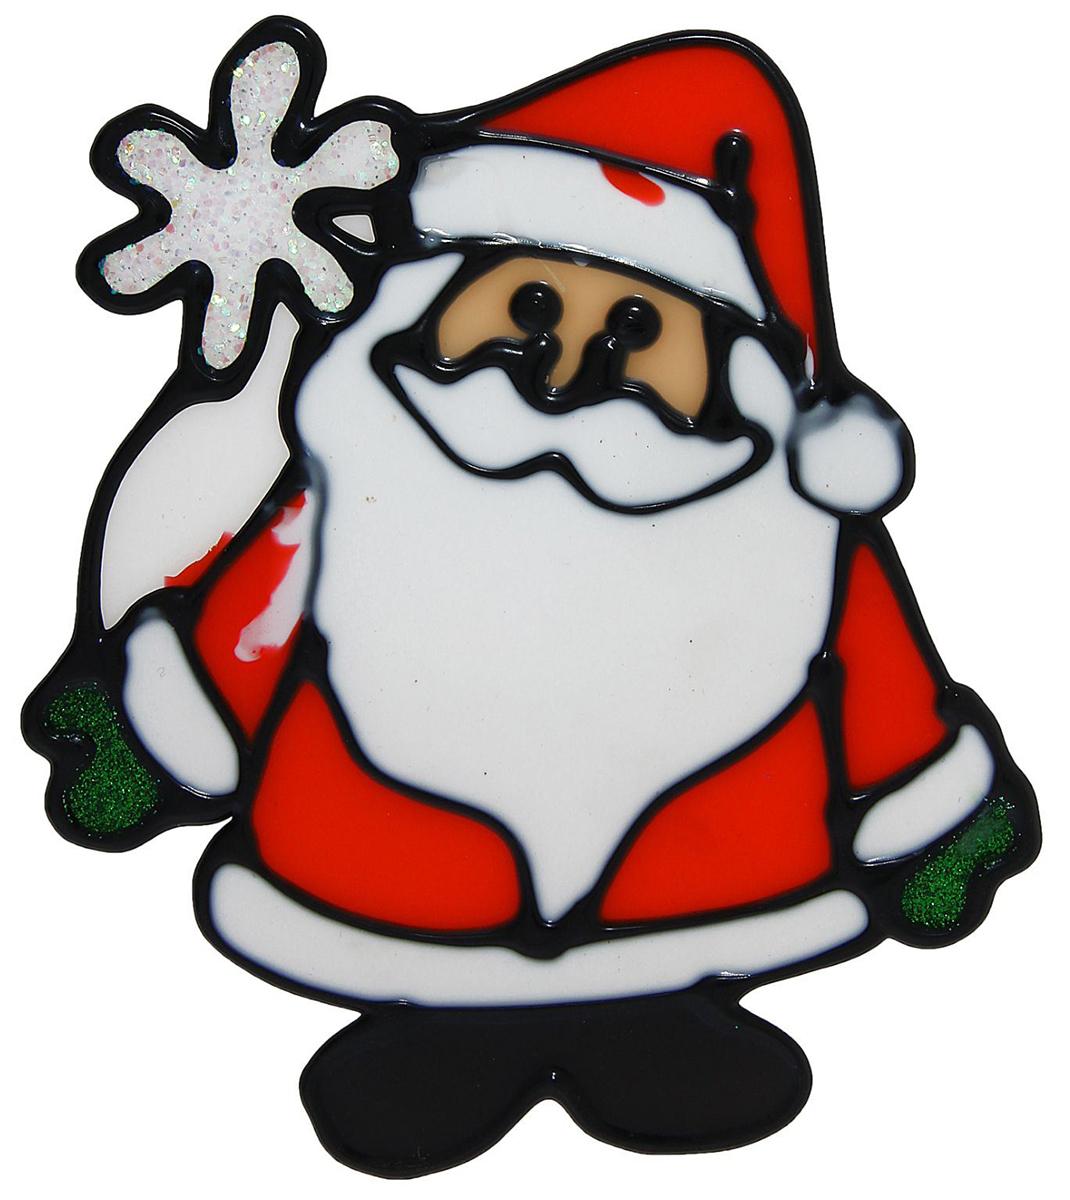 Украшение новогоднее оконное Дед Мороз с ромашкой, 11,5 х 13 см1113554Новогоднее оконное украшение Дед Мороз с ромашкой поможет украсить дом кпредстоящим праздникам. Яркая наклейка крепится к гладкой поверхности стекла посредствомстатического эффекта. С помощью такого украшения вы сможете оживить интерьер по своемувкусу. Новогодние украшения всегда несут в себе волшебство и красоту праздника. Создайте в своемдоме атмосферу тепла, веселья и радости, украшая его всей семьей.